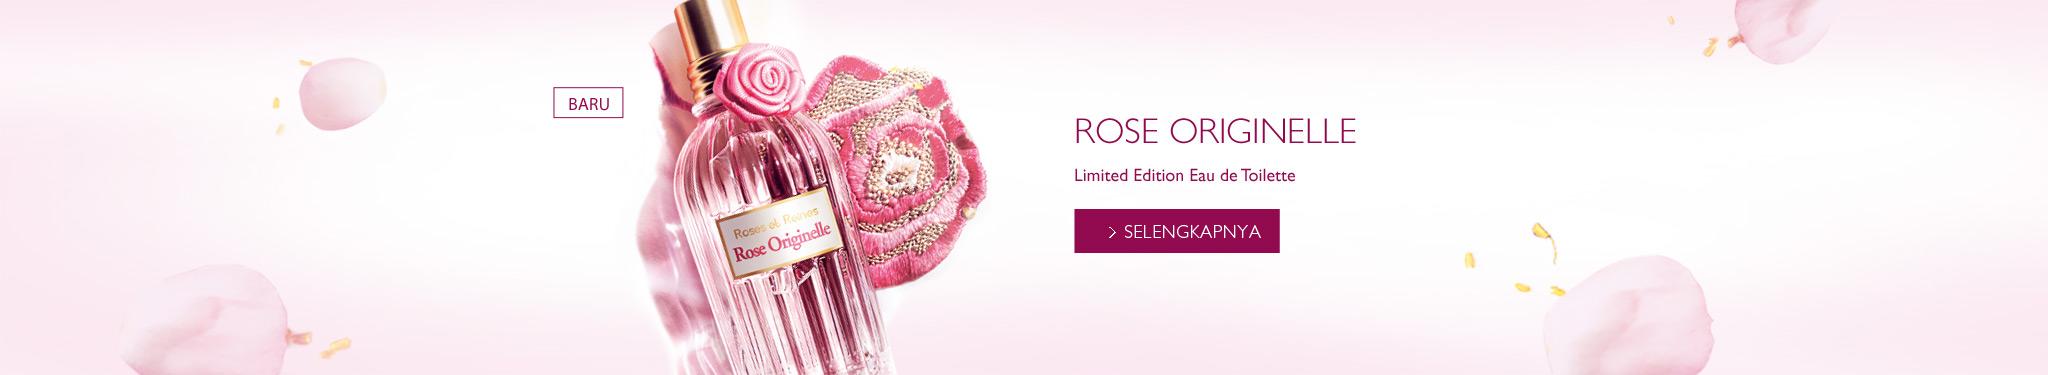 Rose Originelle Limited Edition Eau de Toilette